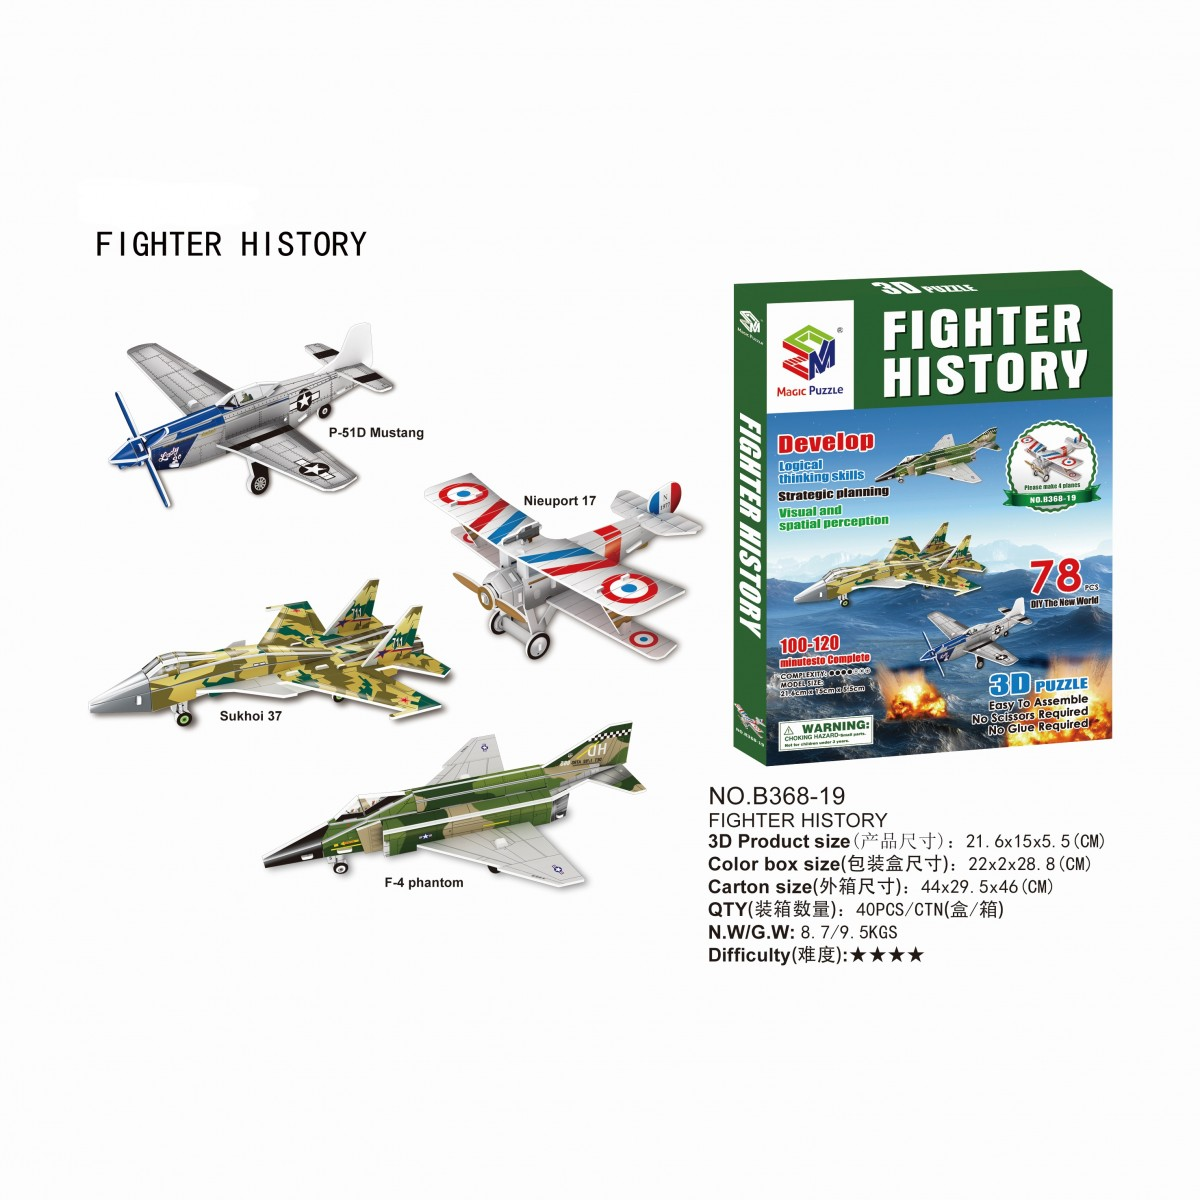 戦闘機シリーズ 3Dパズル イメージ